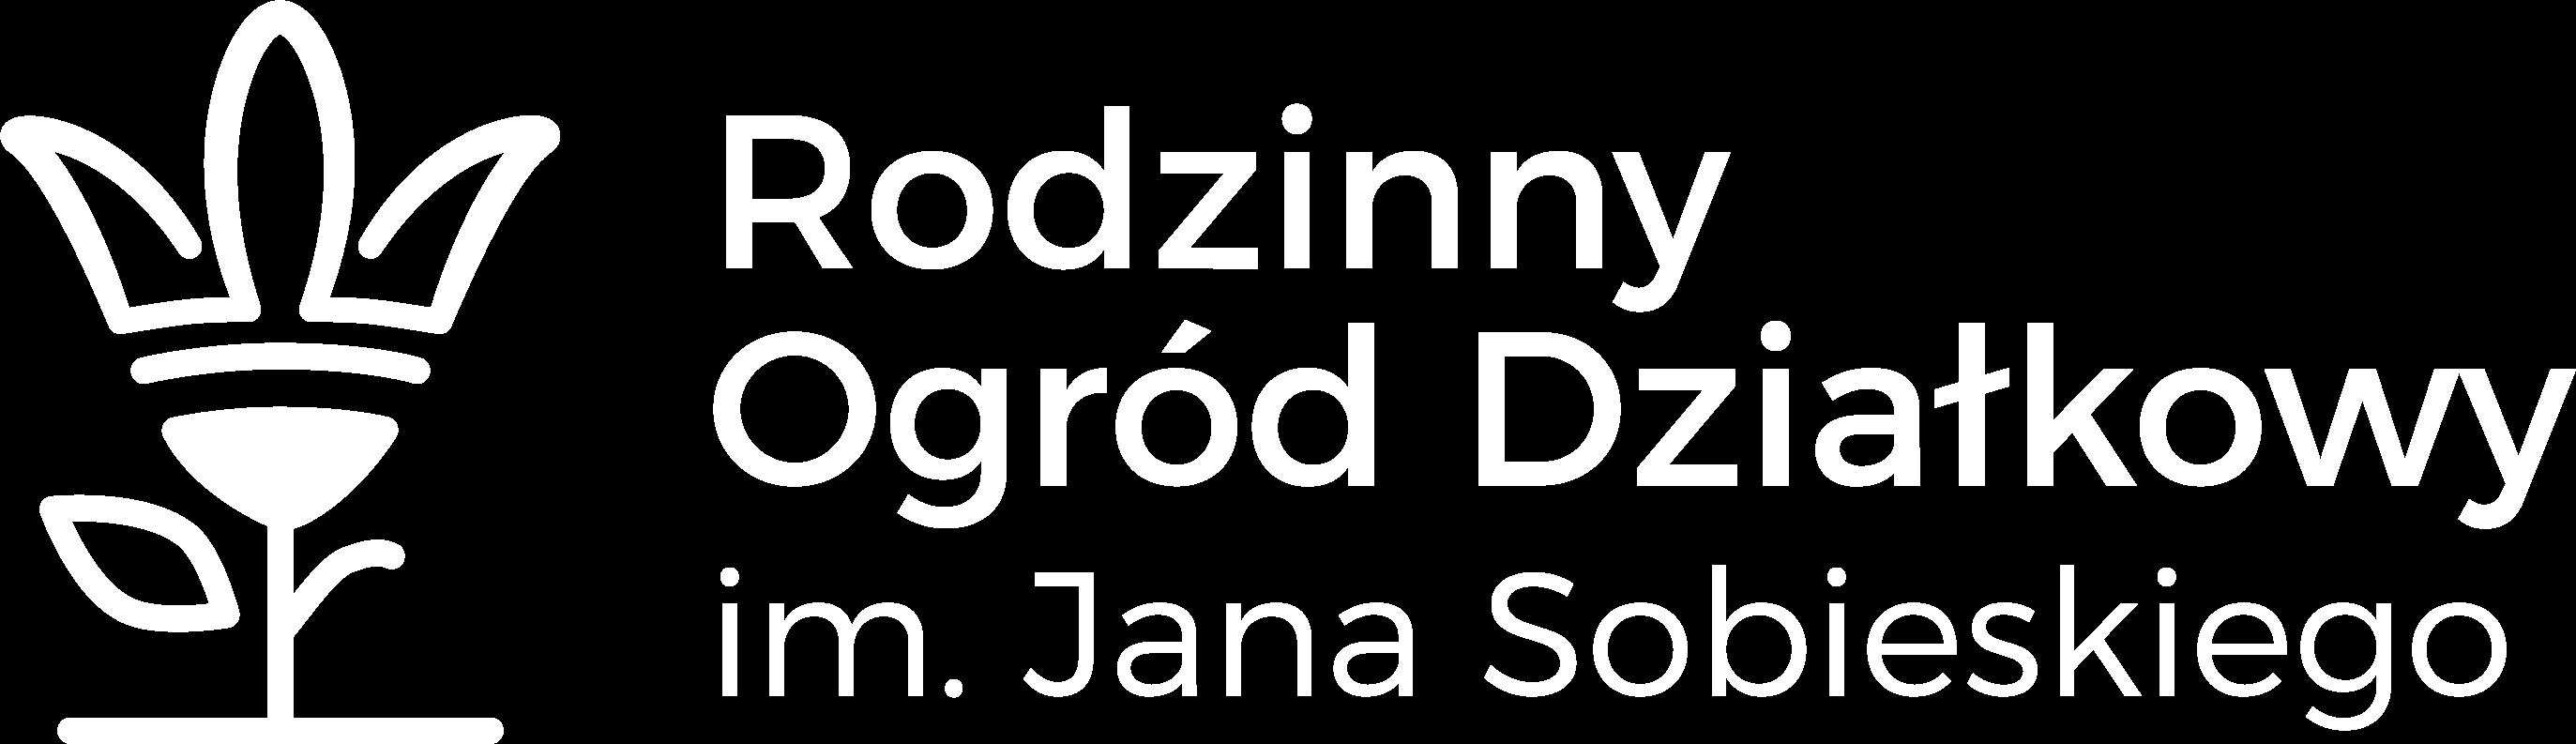 ROD im. Jana Sobieskiego